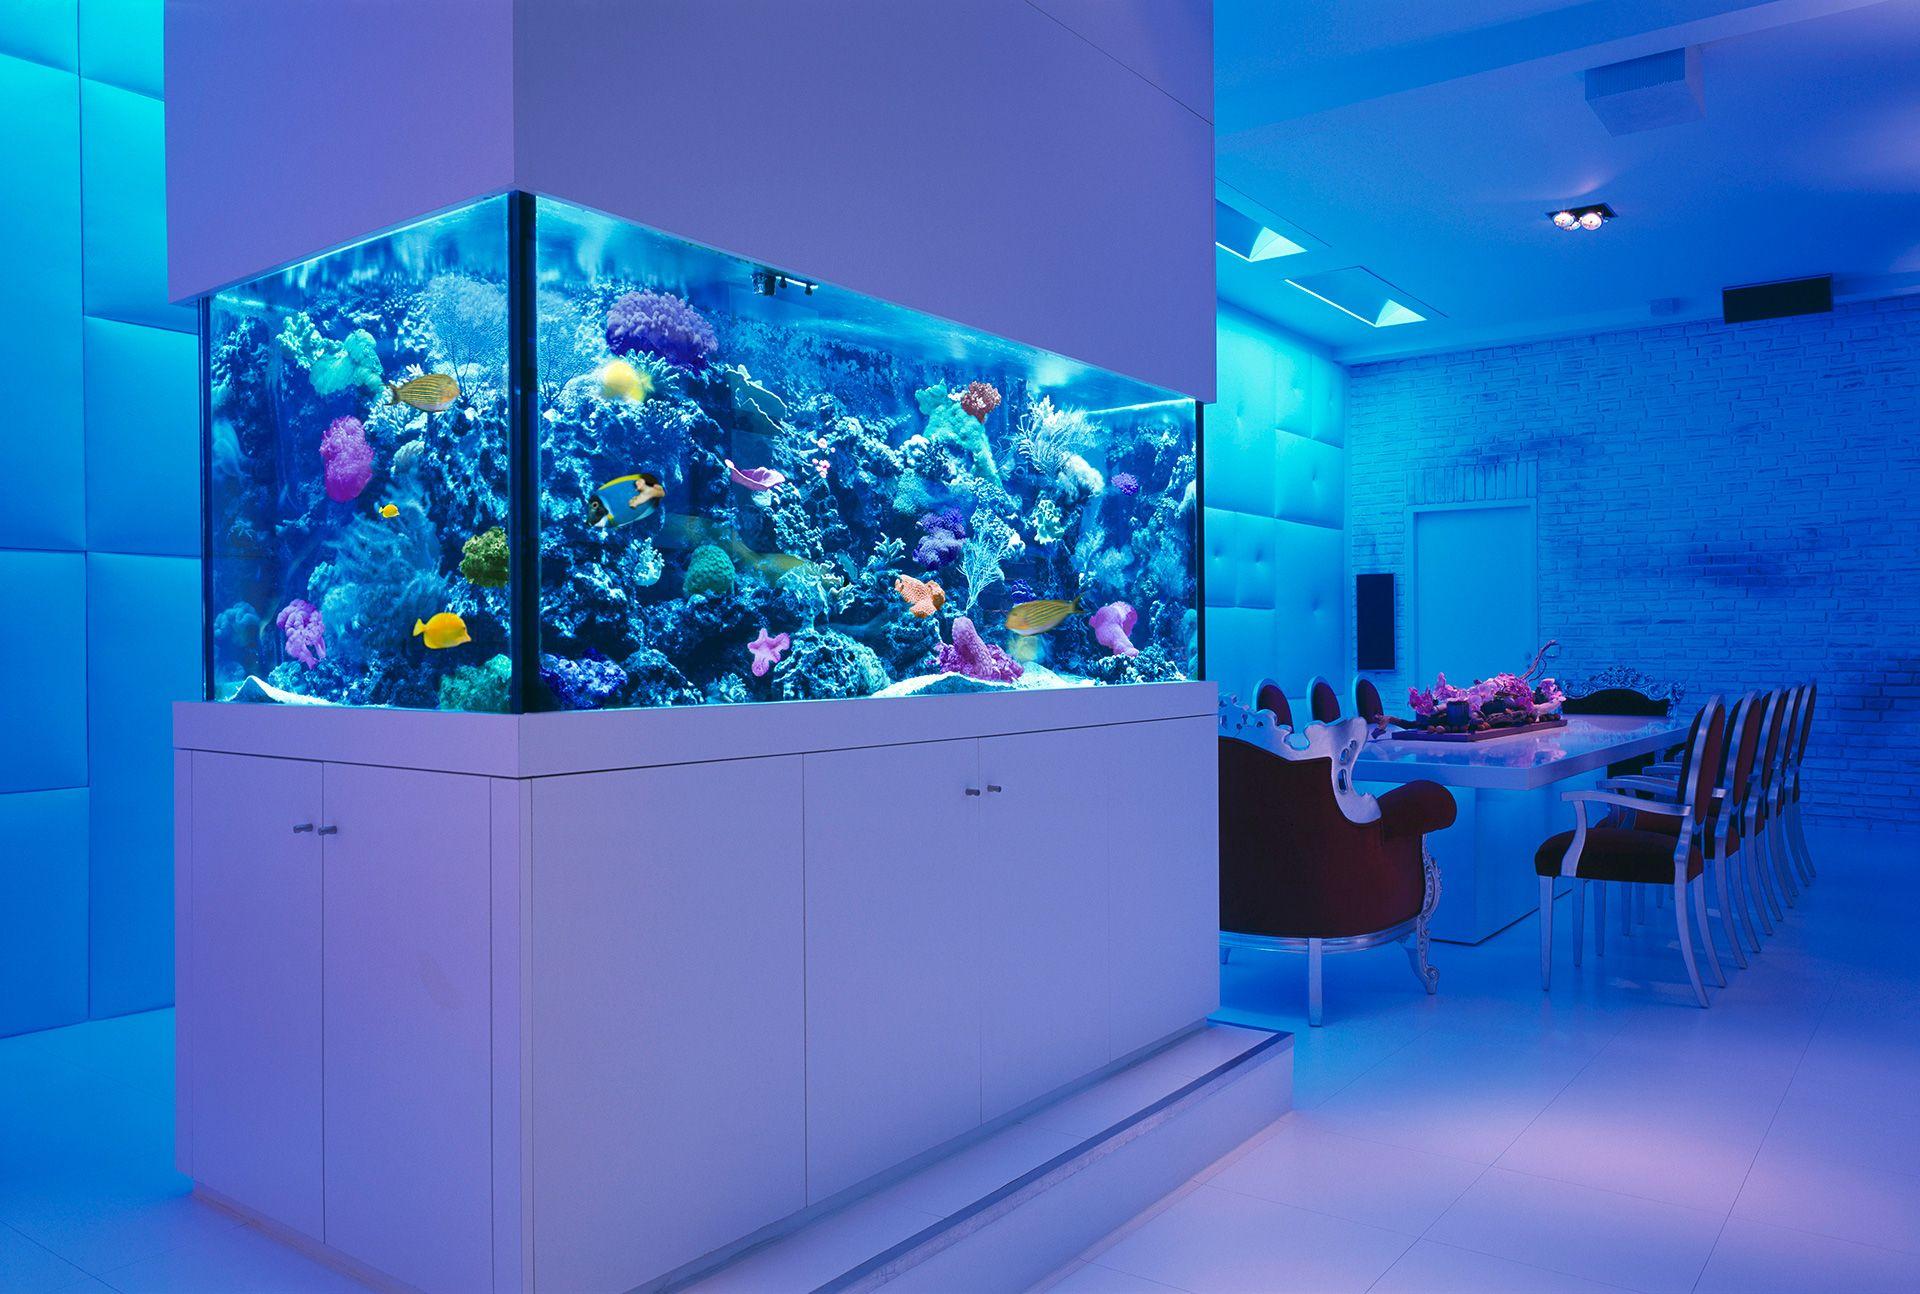 36ddc71a20684b5766102327f858e6e9 Frais De Aquarium Rond Conception